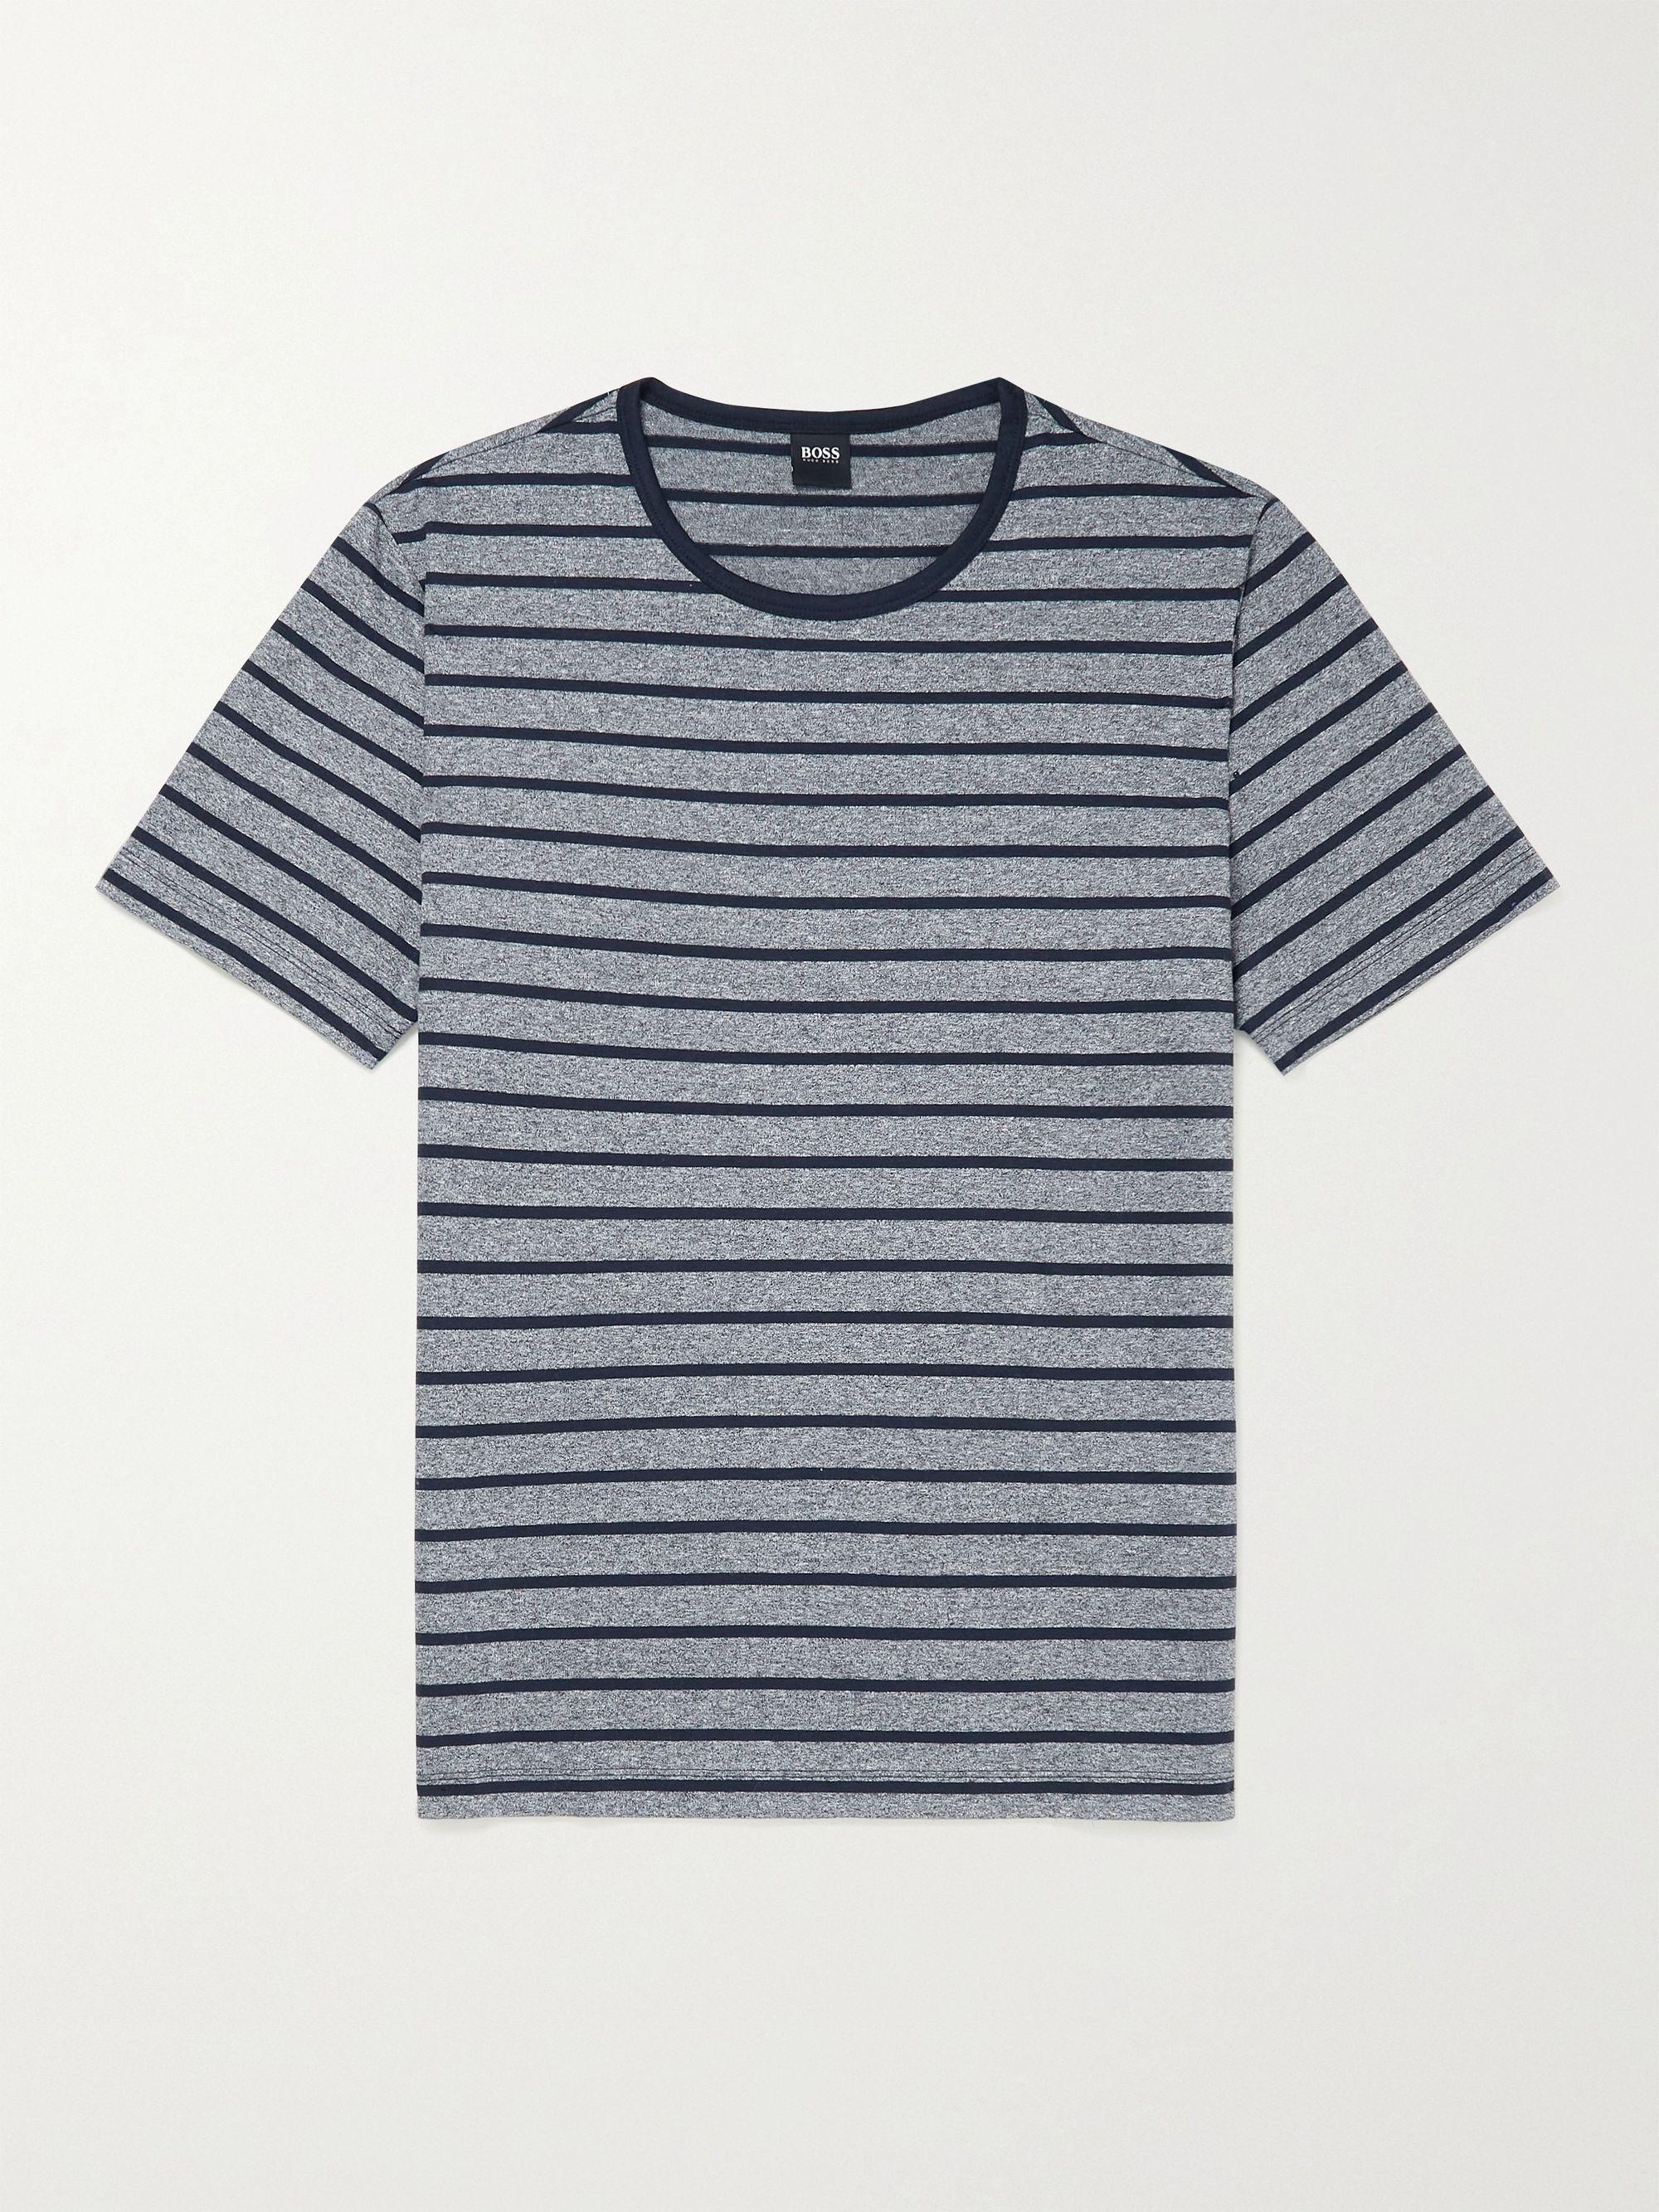 HUGO BOSS Striped Melange Cotton and Linen-Blend Jersey T-Shirt